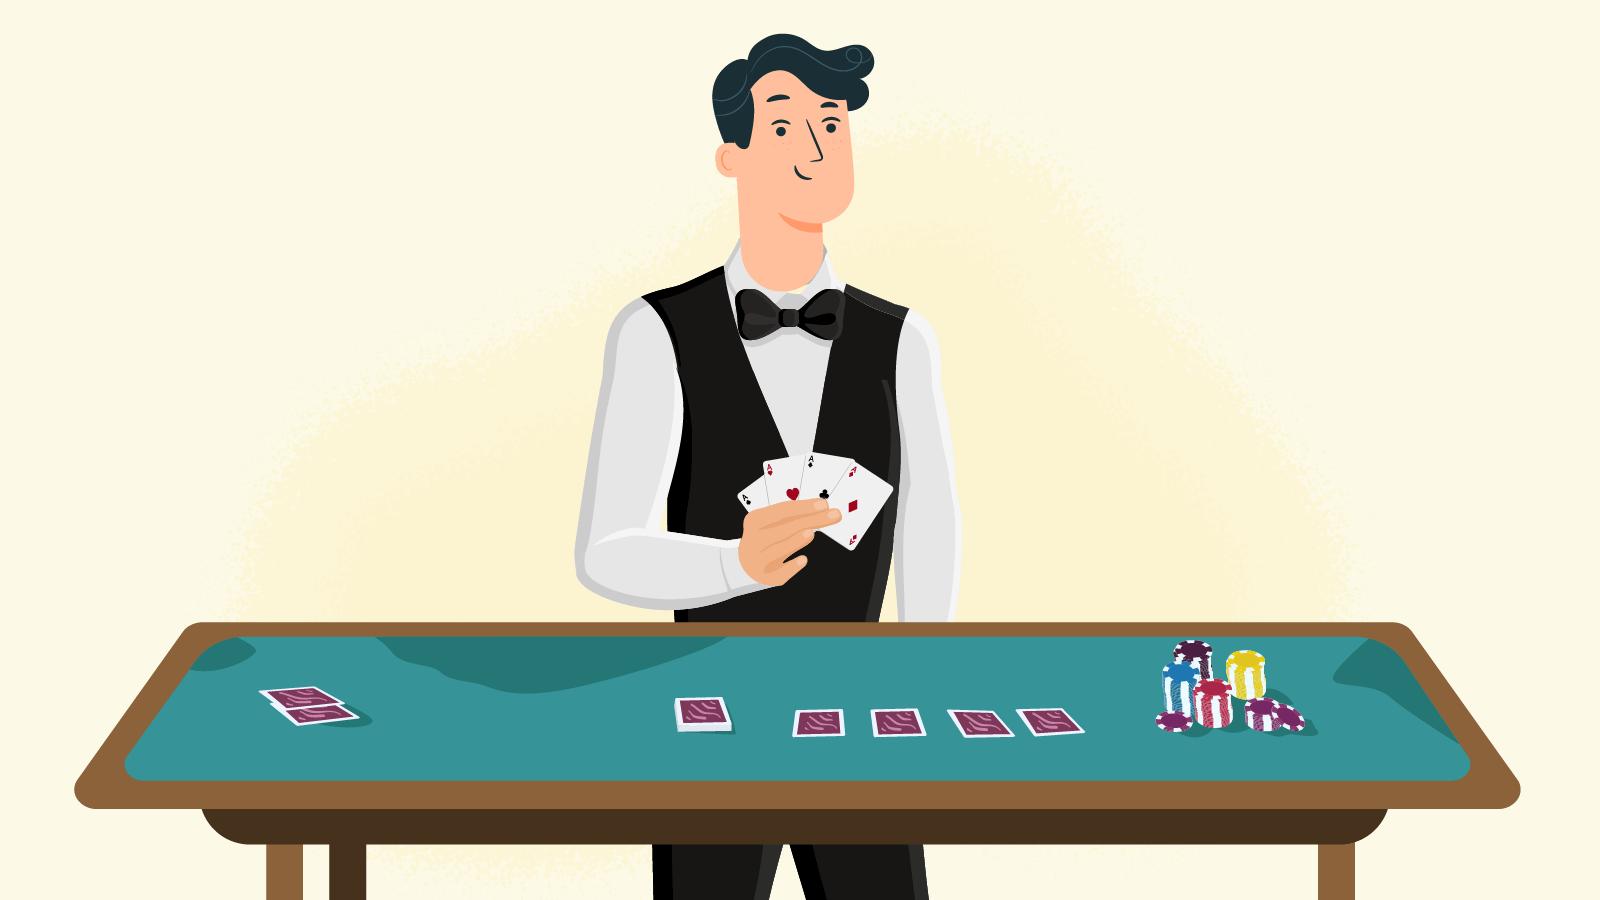 Mainstream Live Casino games